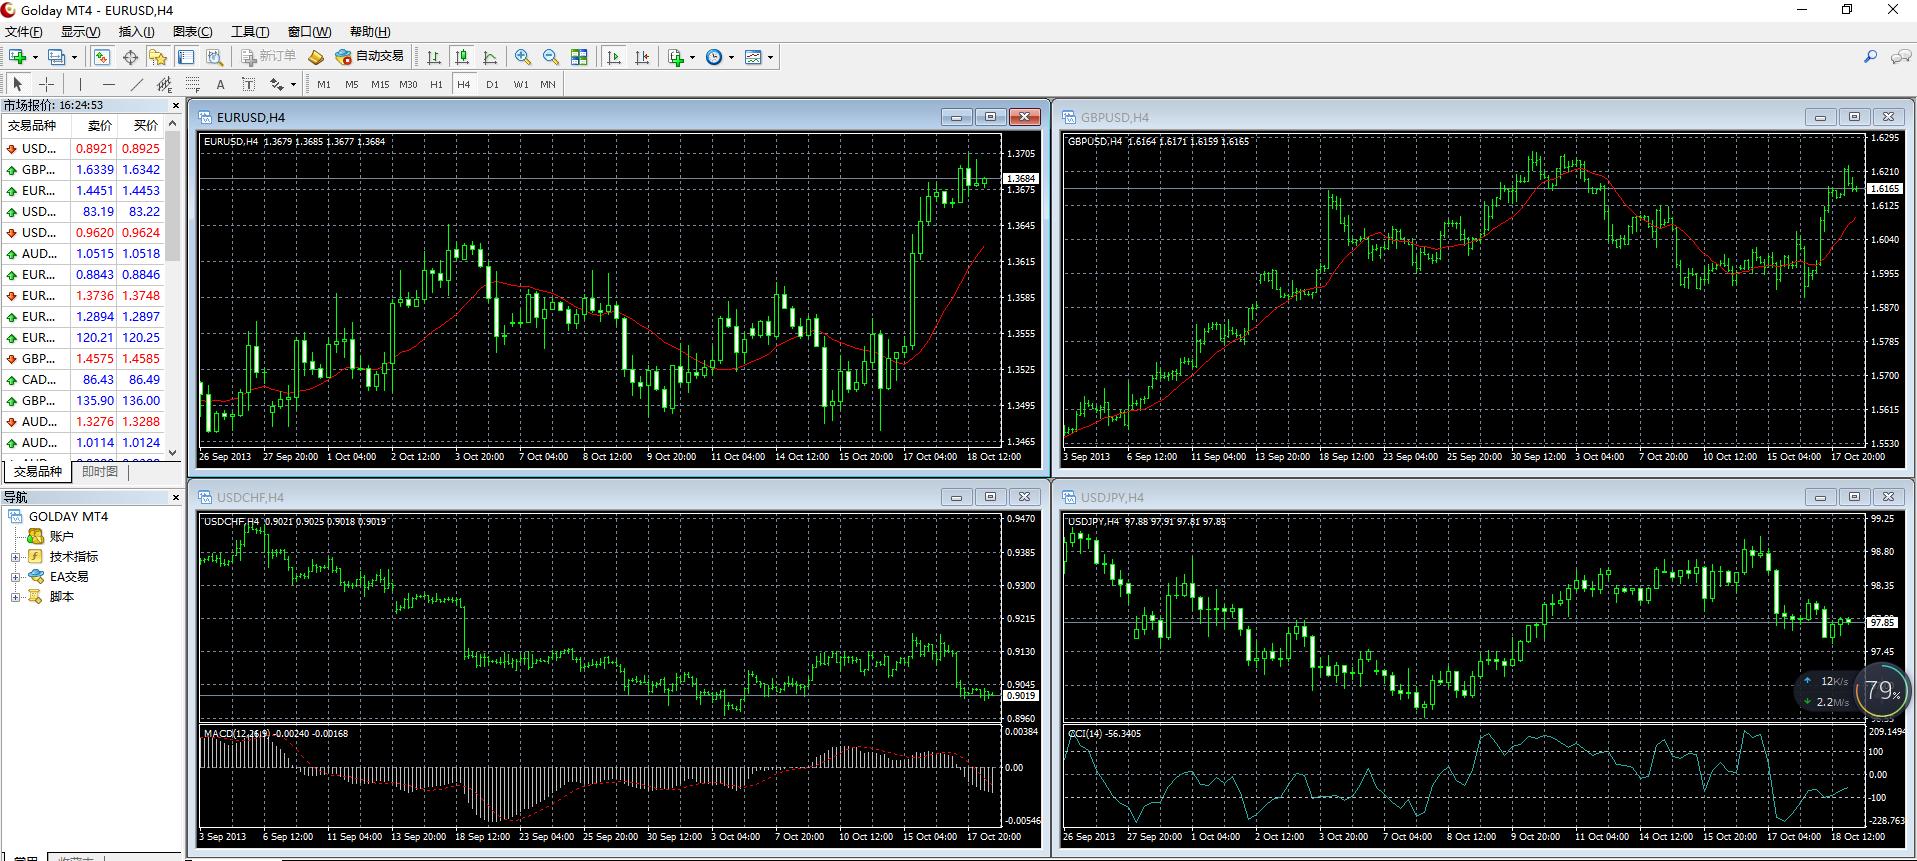 金盛贵金属交易软件Meta Trader 4